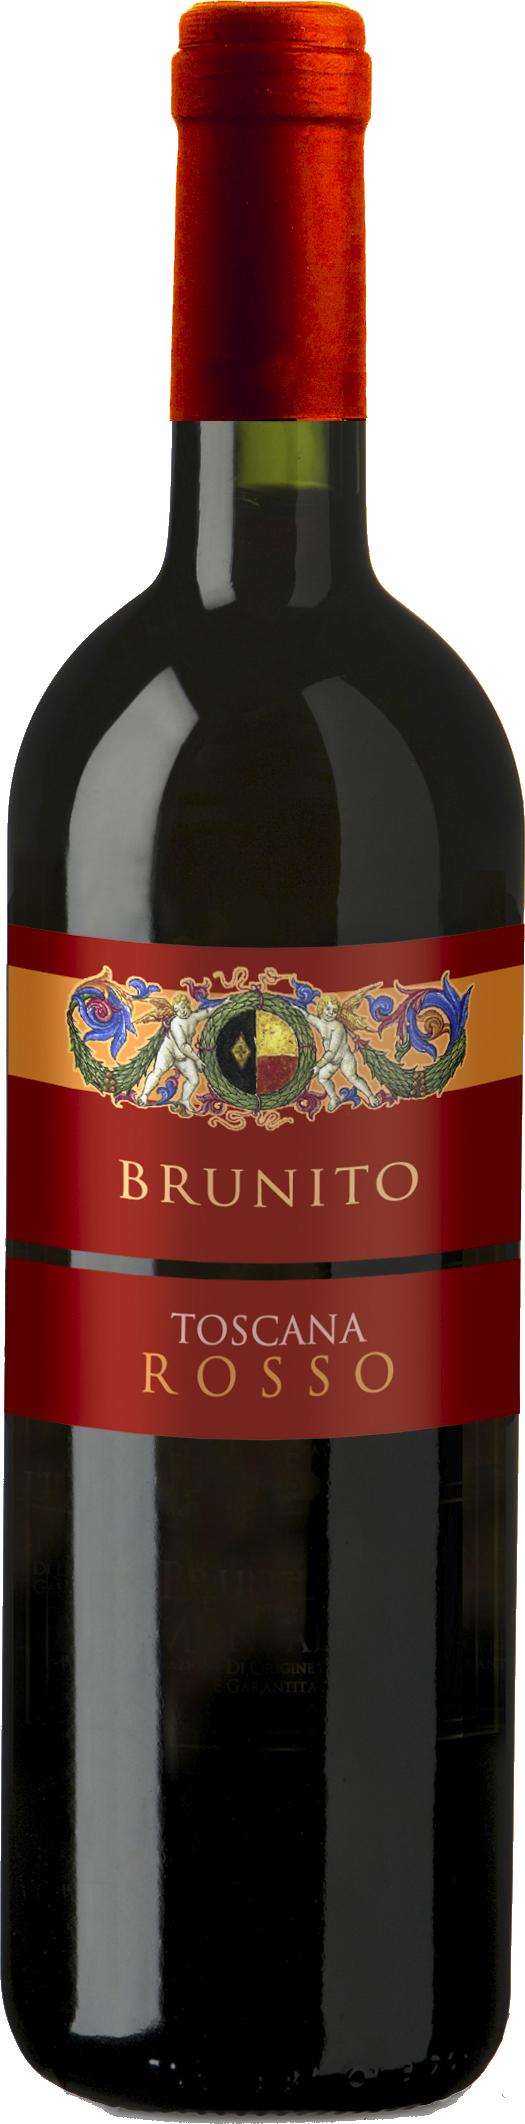 Brunito-Rosso